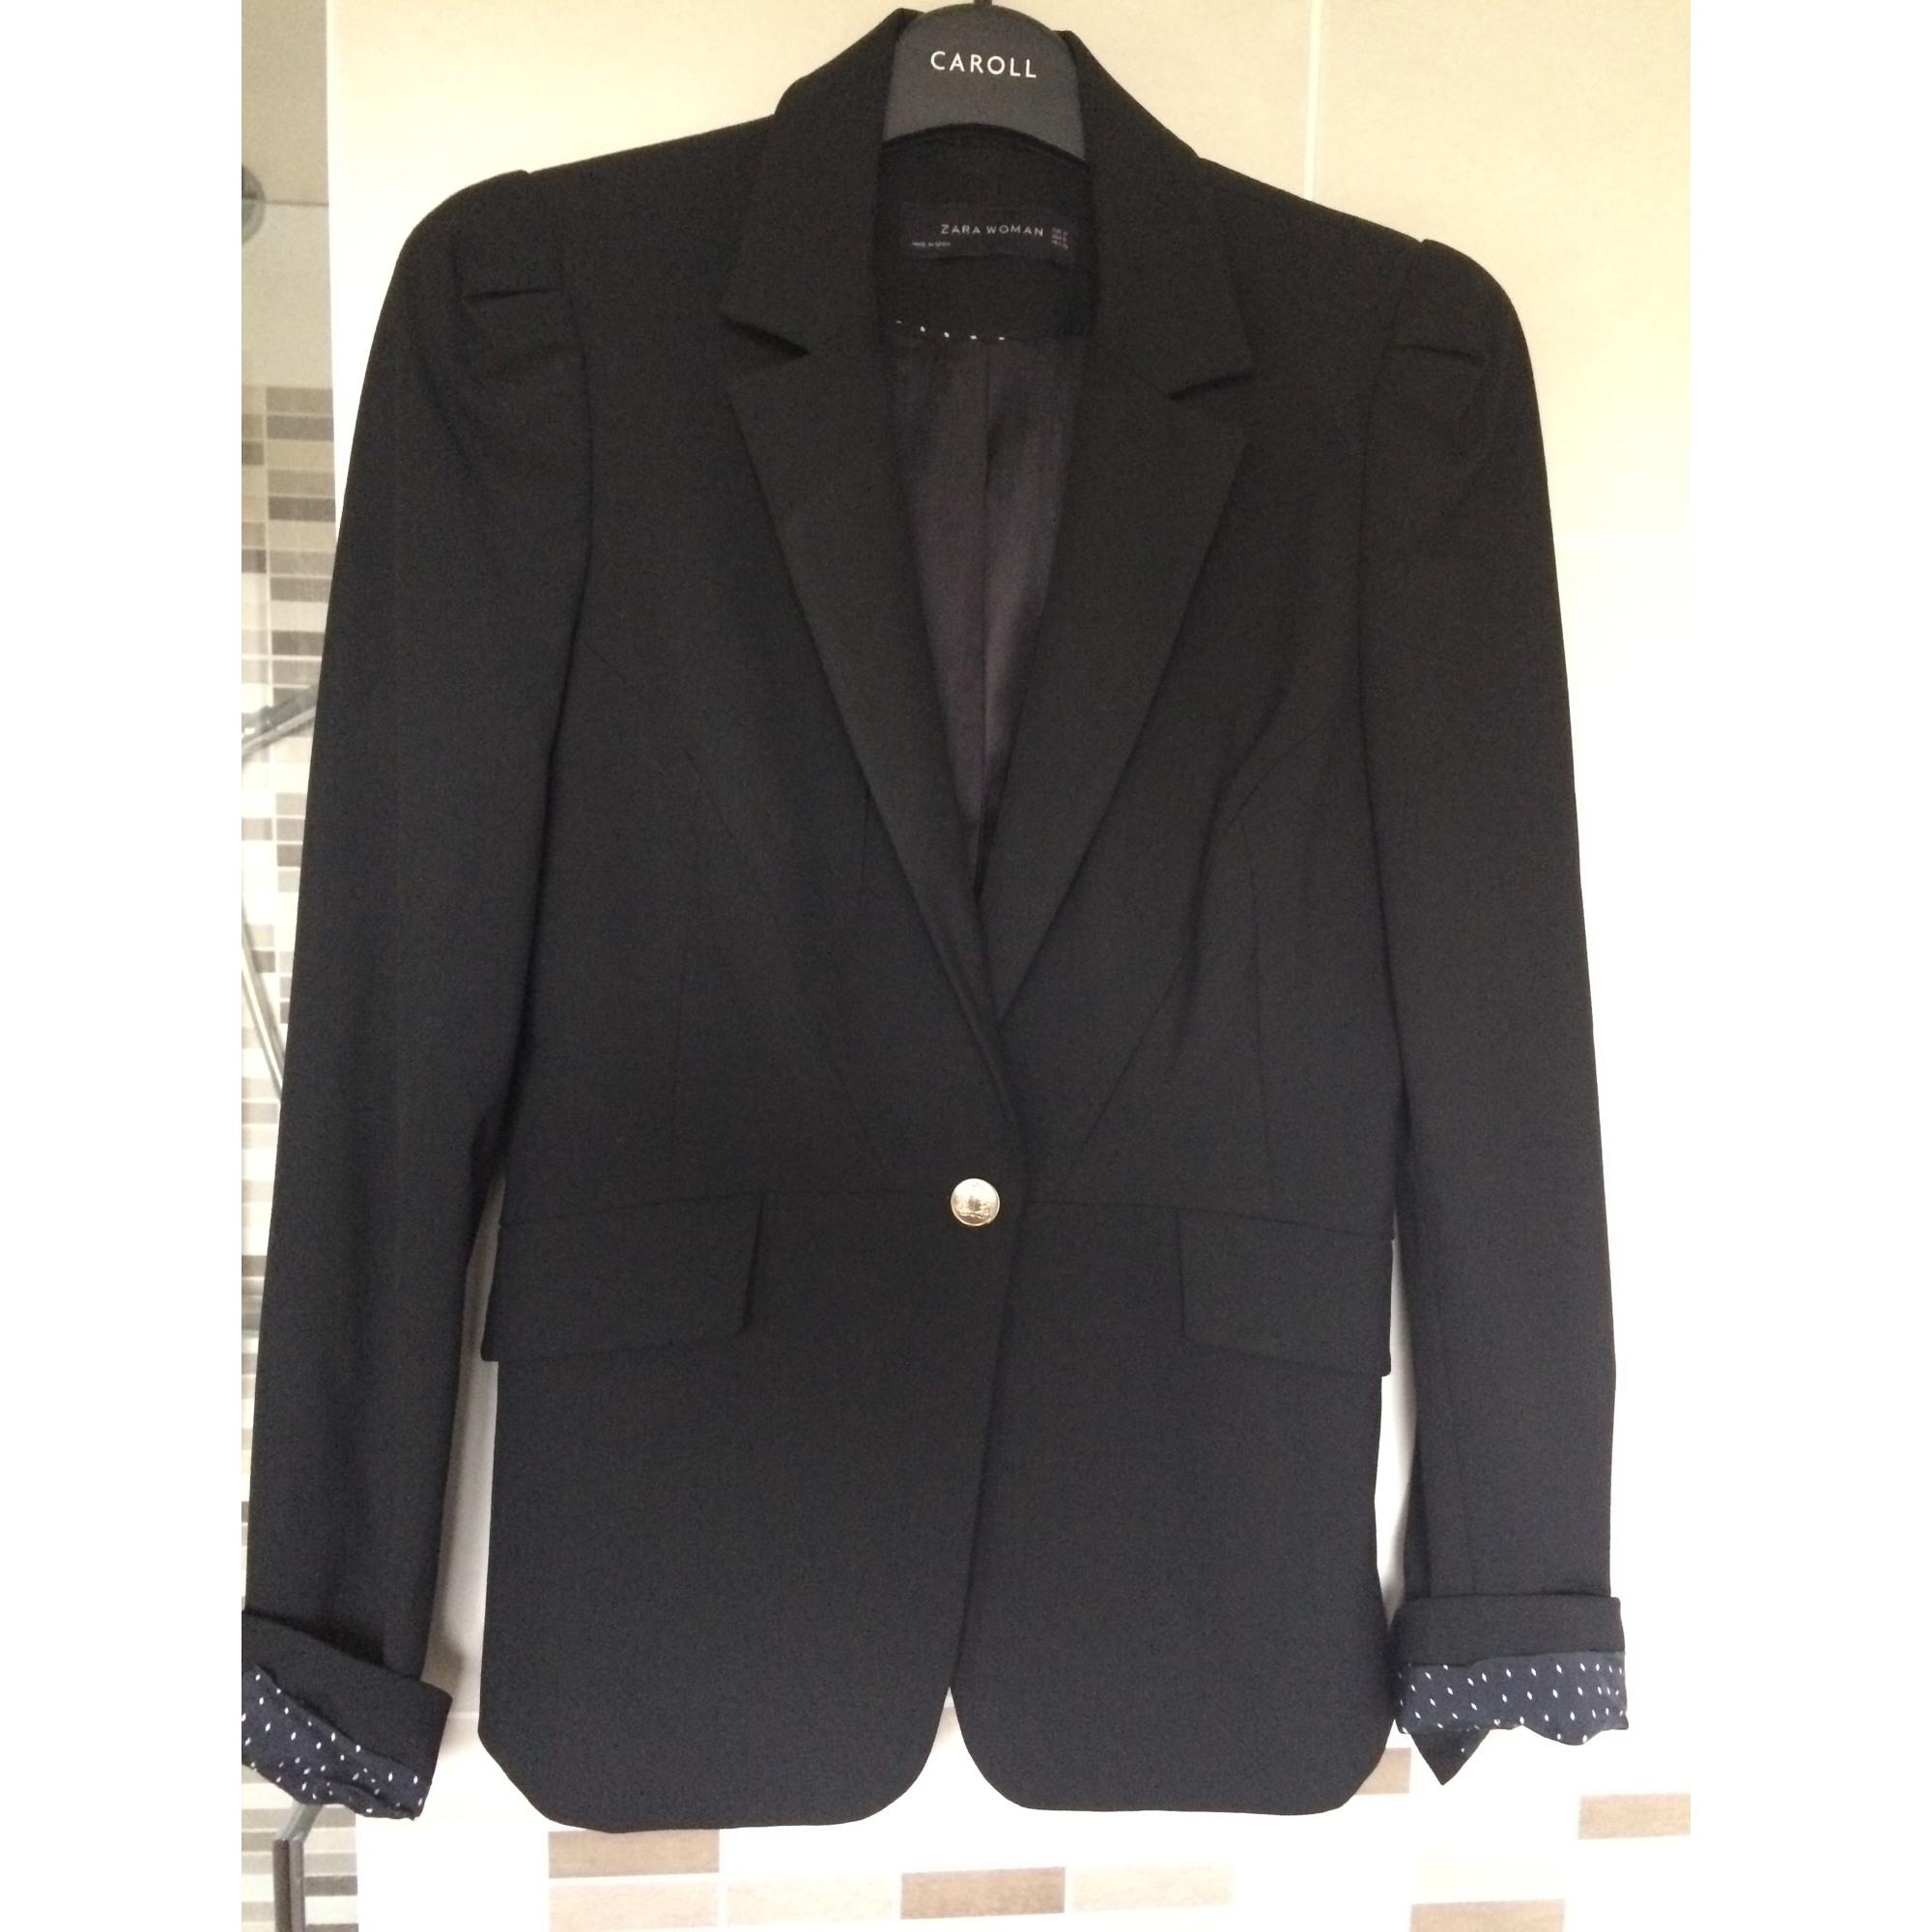 Blazer Zara Noir s Veste 36 6163561 Tailleur T1 r6WB8nrf